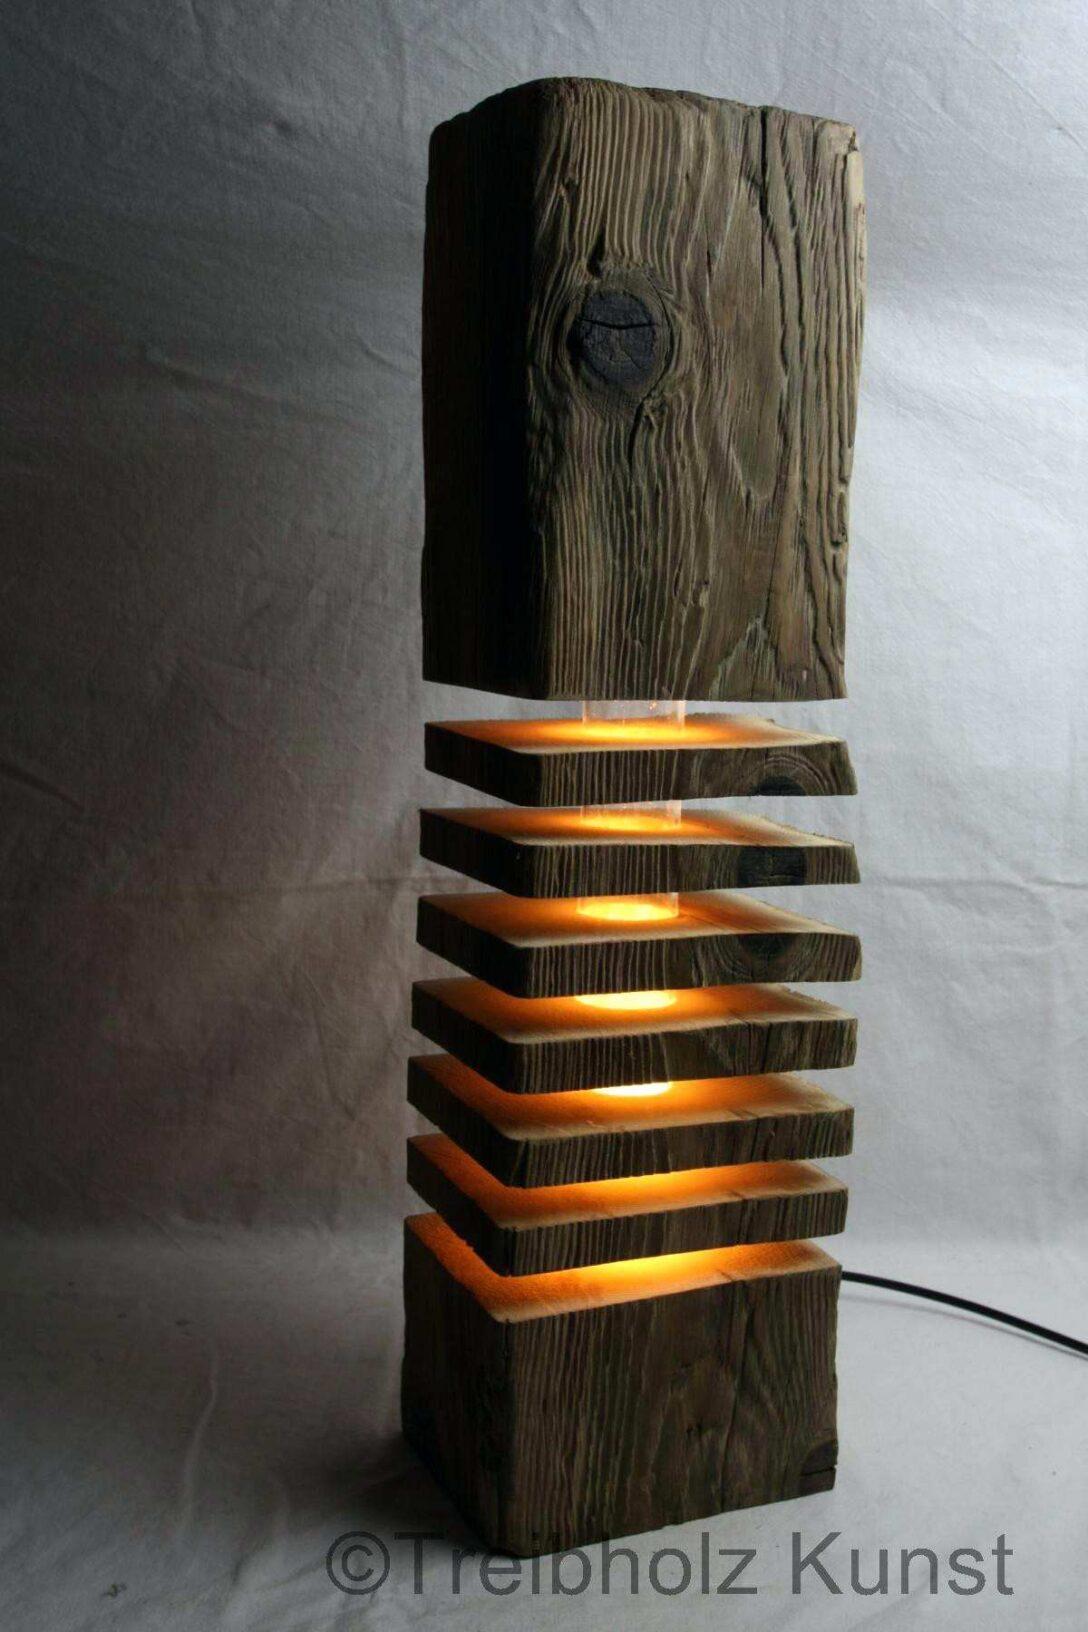 Large Size of Holz Led Lampe Selber Bauen Holzbalken Best Full Size Of Ideenlampe Spiegellampe Bad Bogenlampe Esstisch Betten Massivholz Schlafzimmer Komplett Lampen Wohnzimmer Holz Led Lampe Selber Bauen